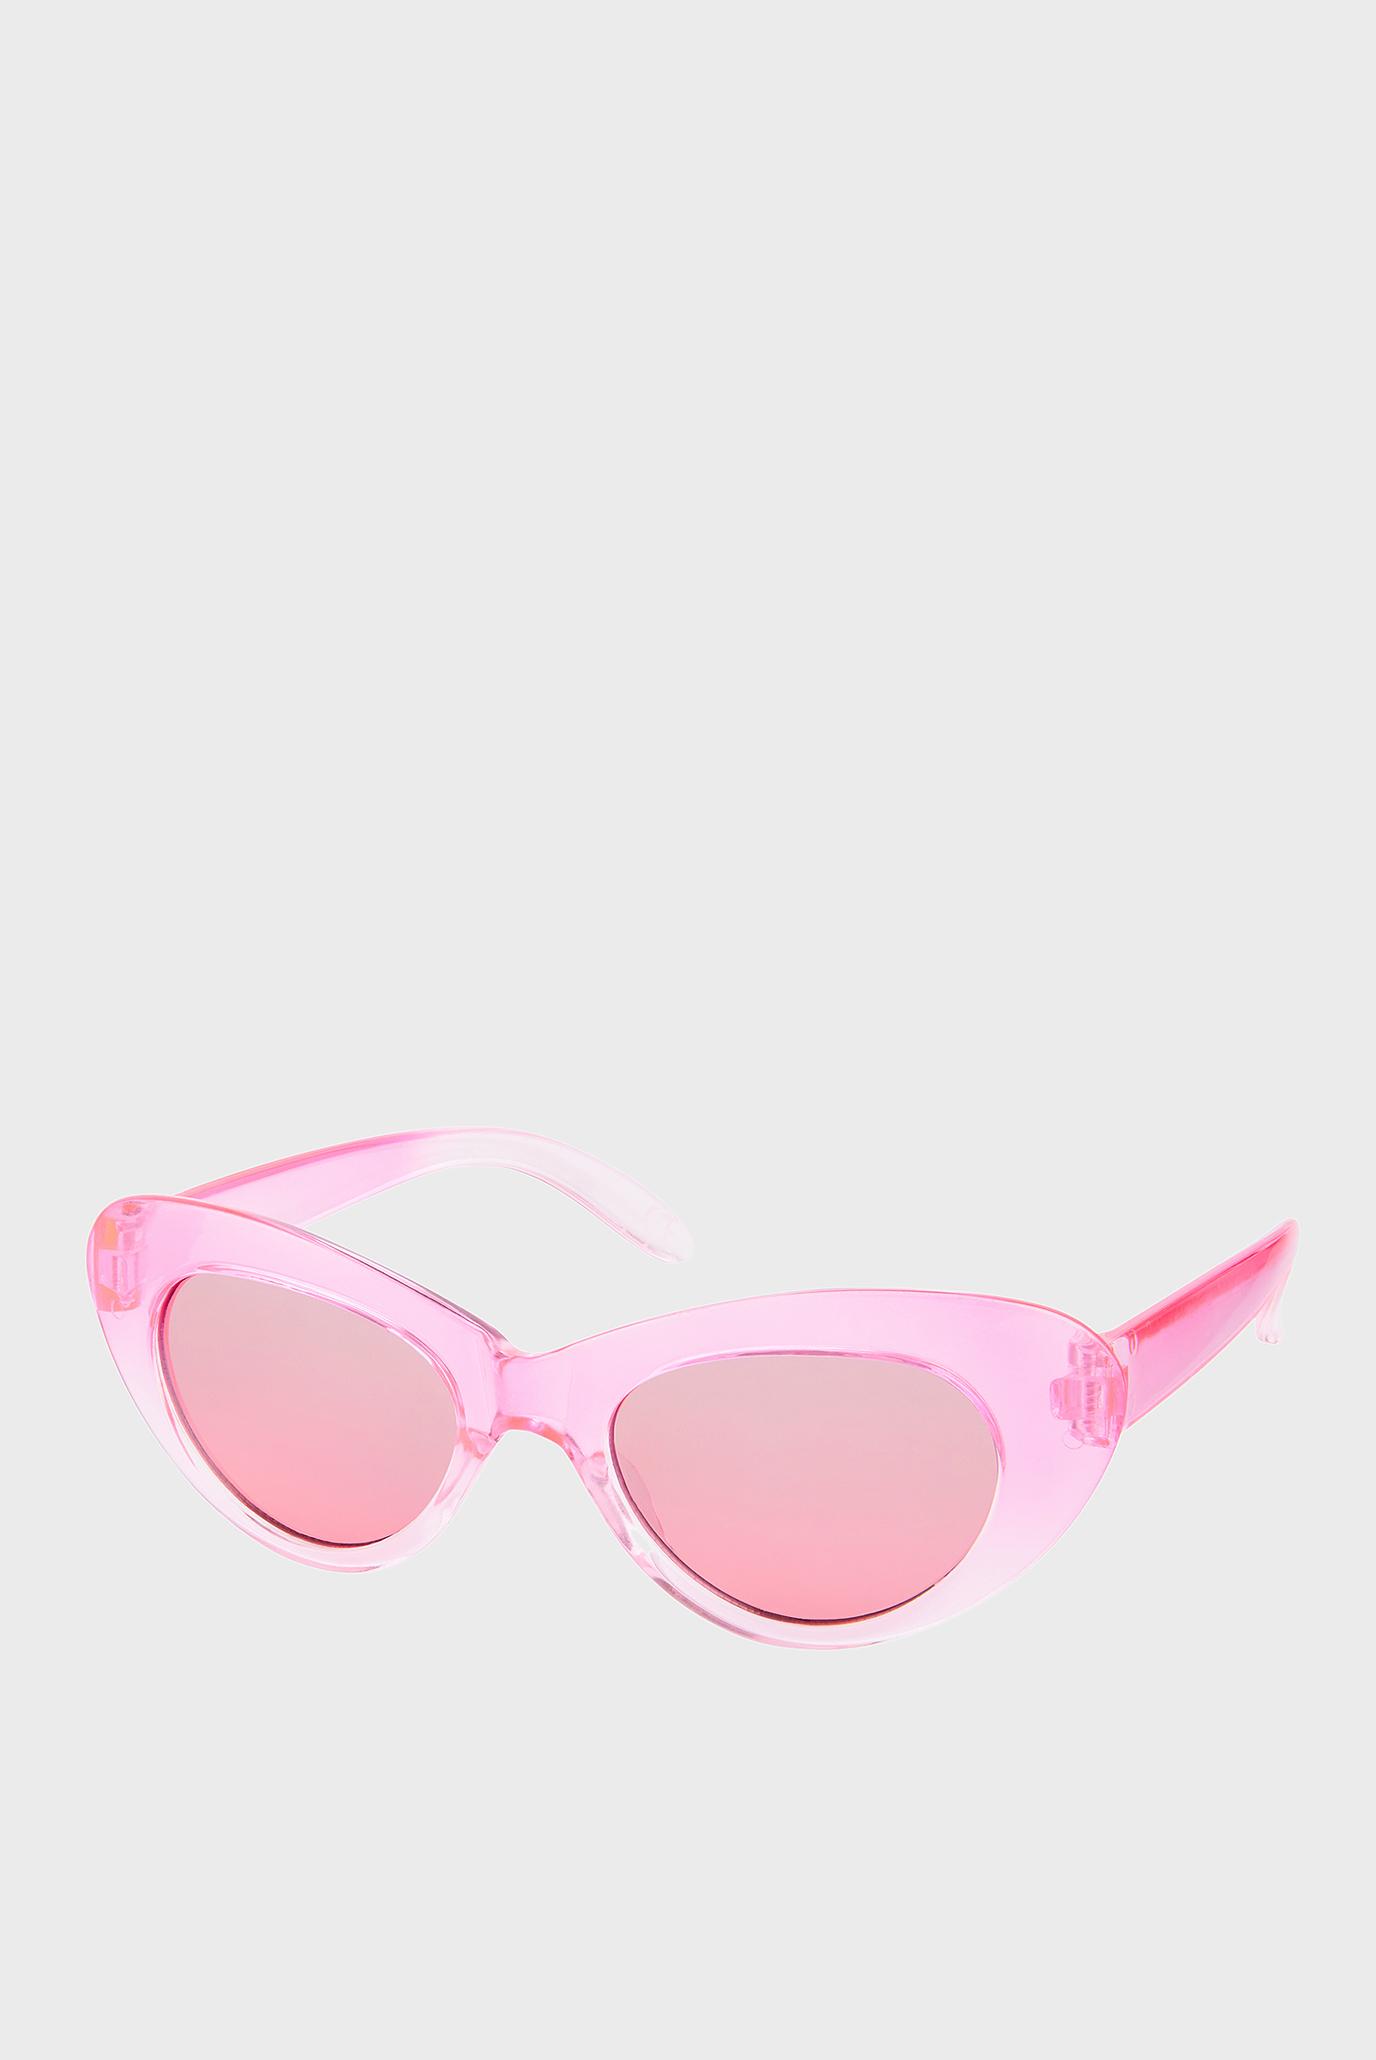 Рожеві сонцезахисні окуляри RETRO CATEYE SUNGLAS 1